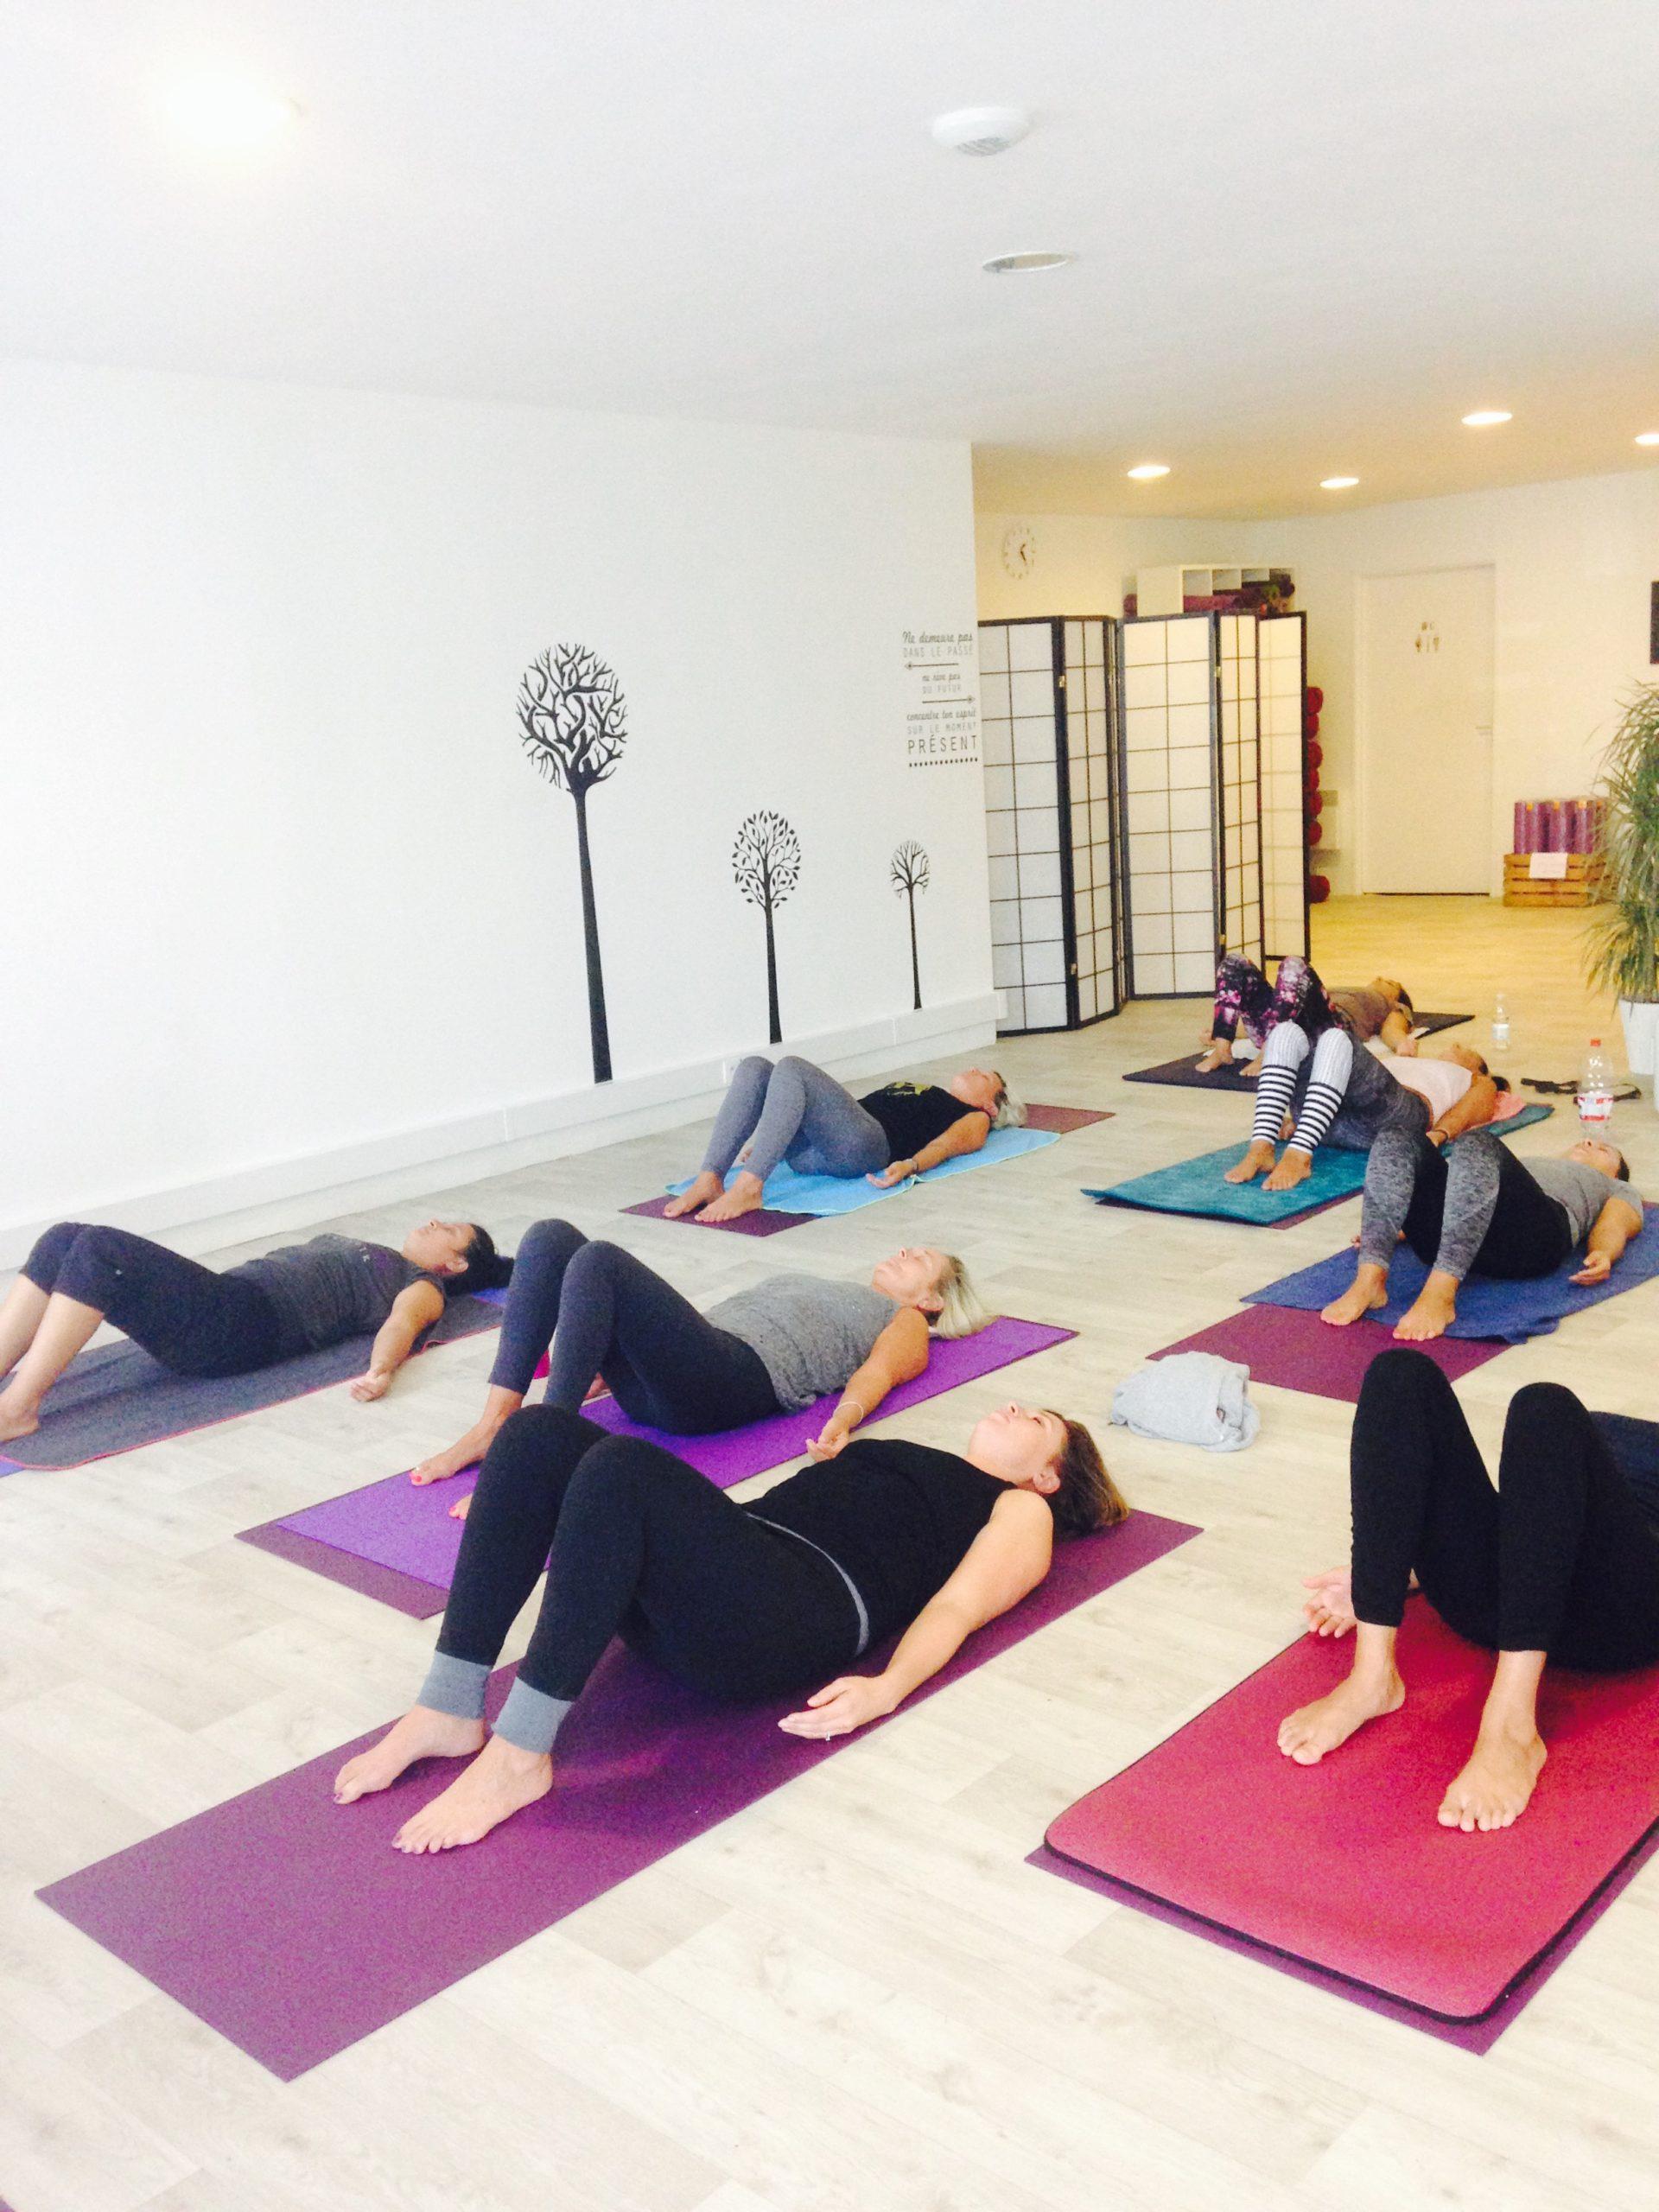 réserver votre cours de pilates